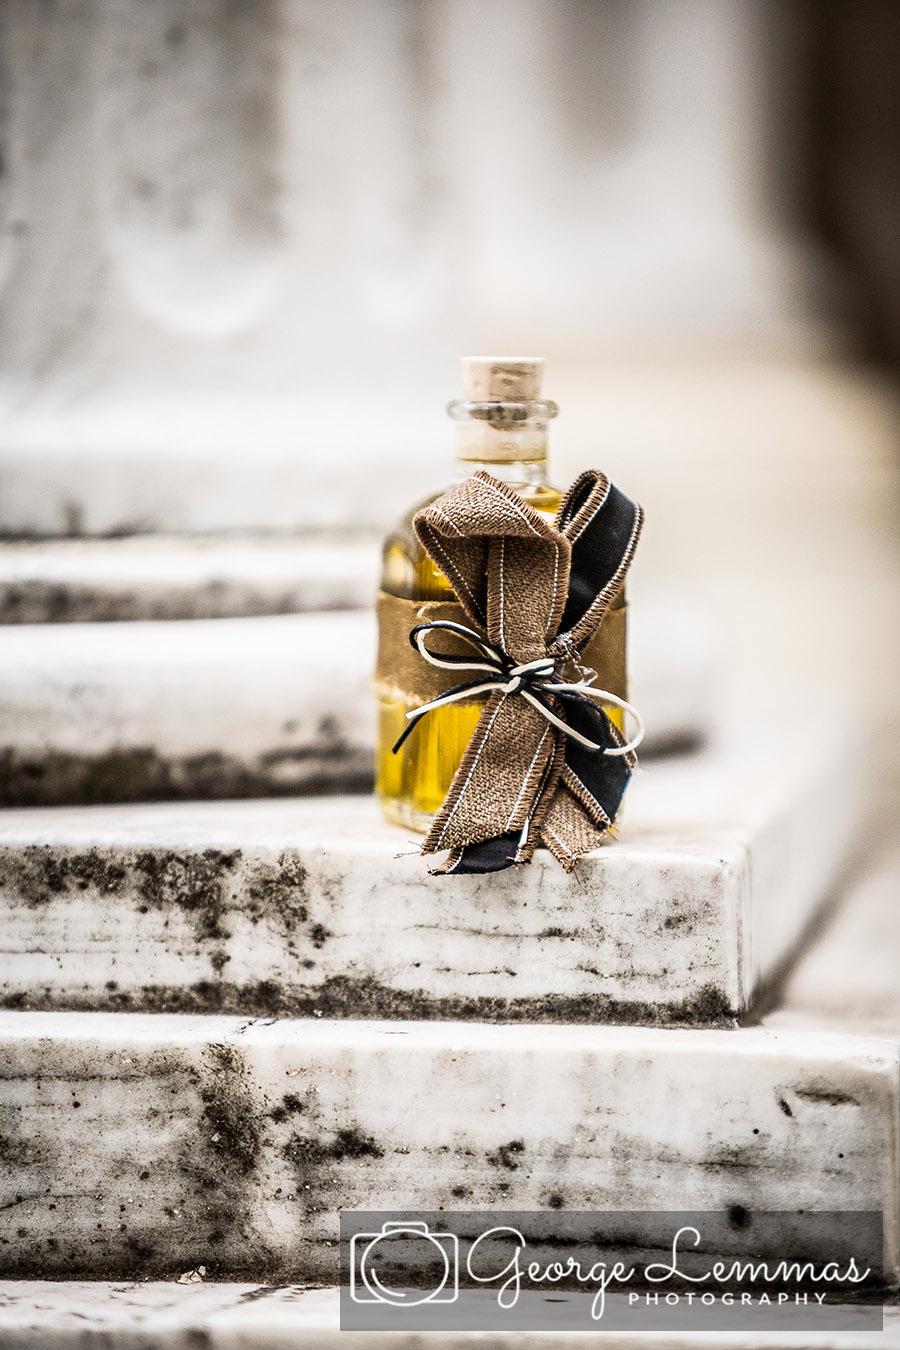 Φωτογραφος Βαπτισης Βολος Πηλιο Σκιαθος Σκοπελος Αλοννησος